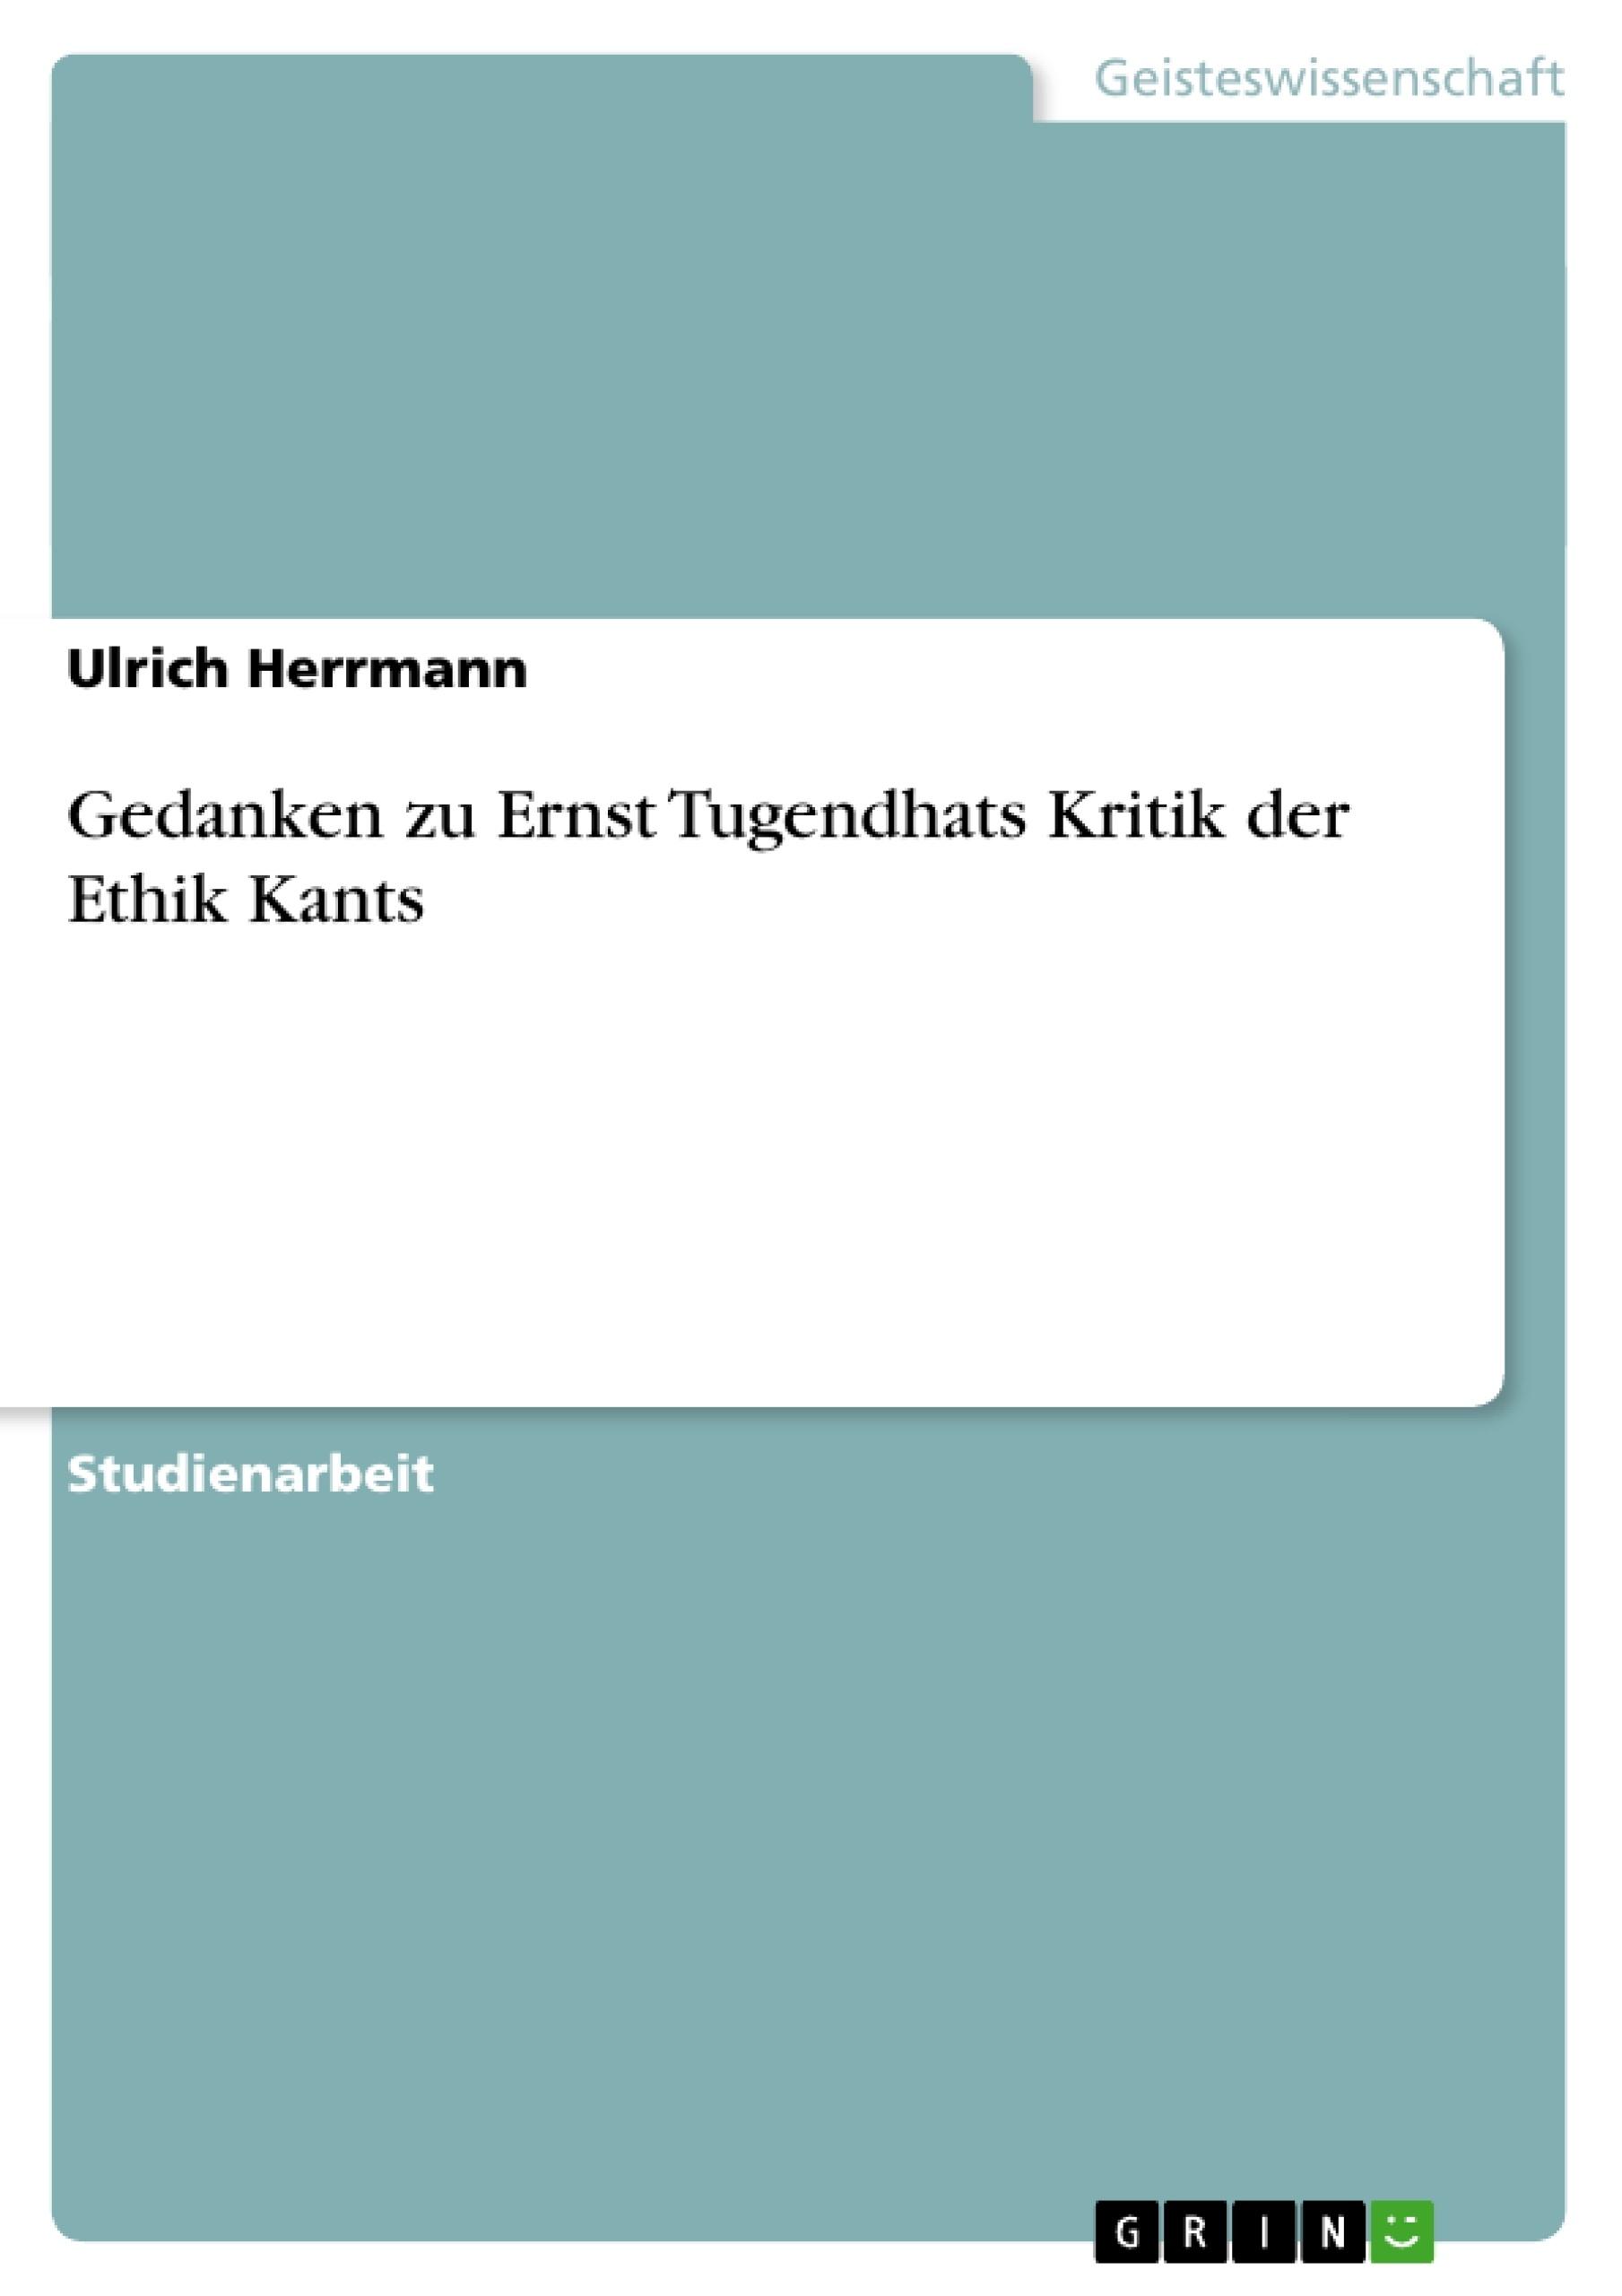 Titel: Gedanken zu Ernst Tugendhats Kritik der Ethik Kants